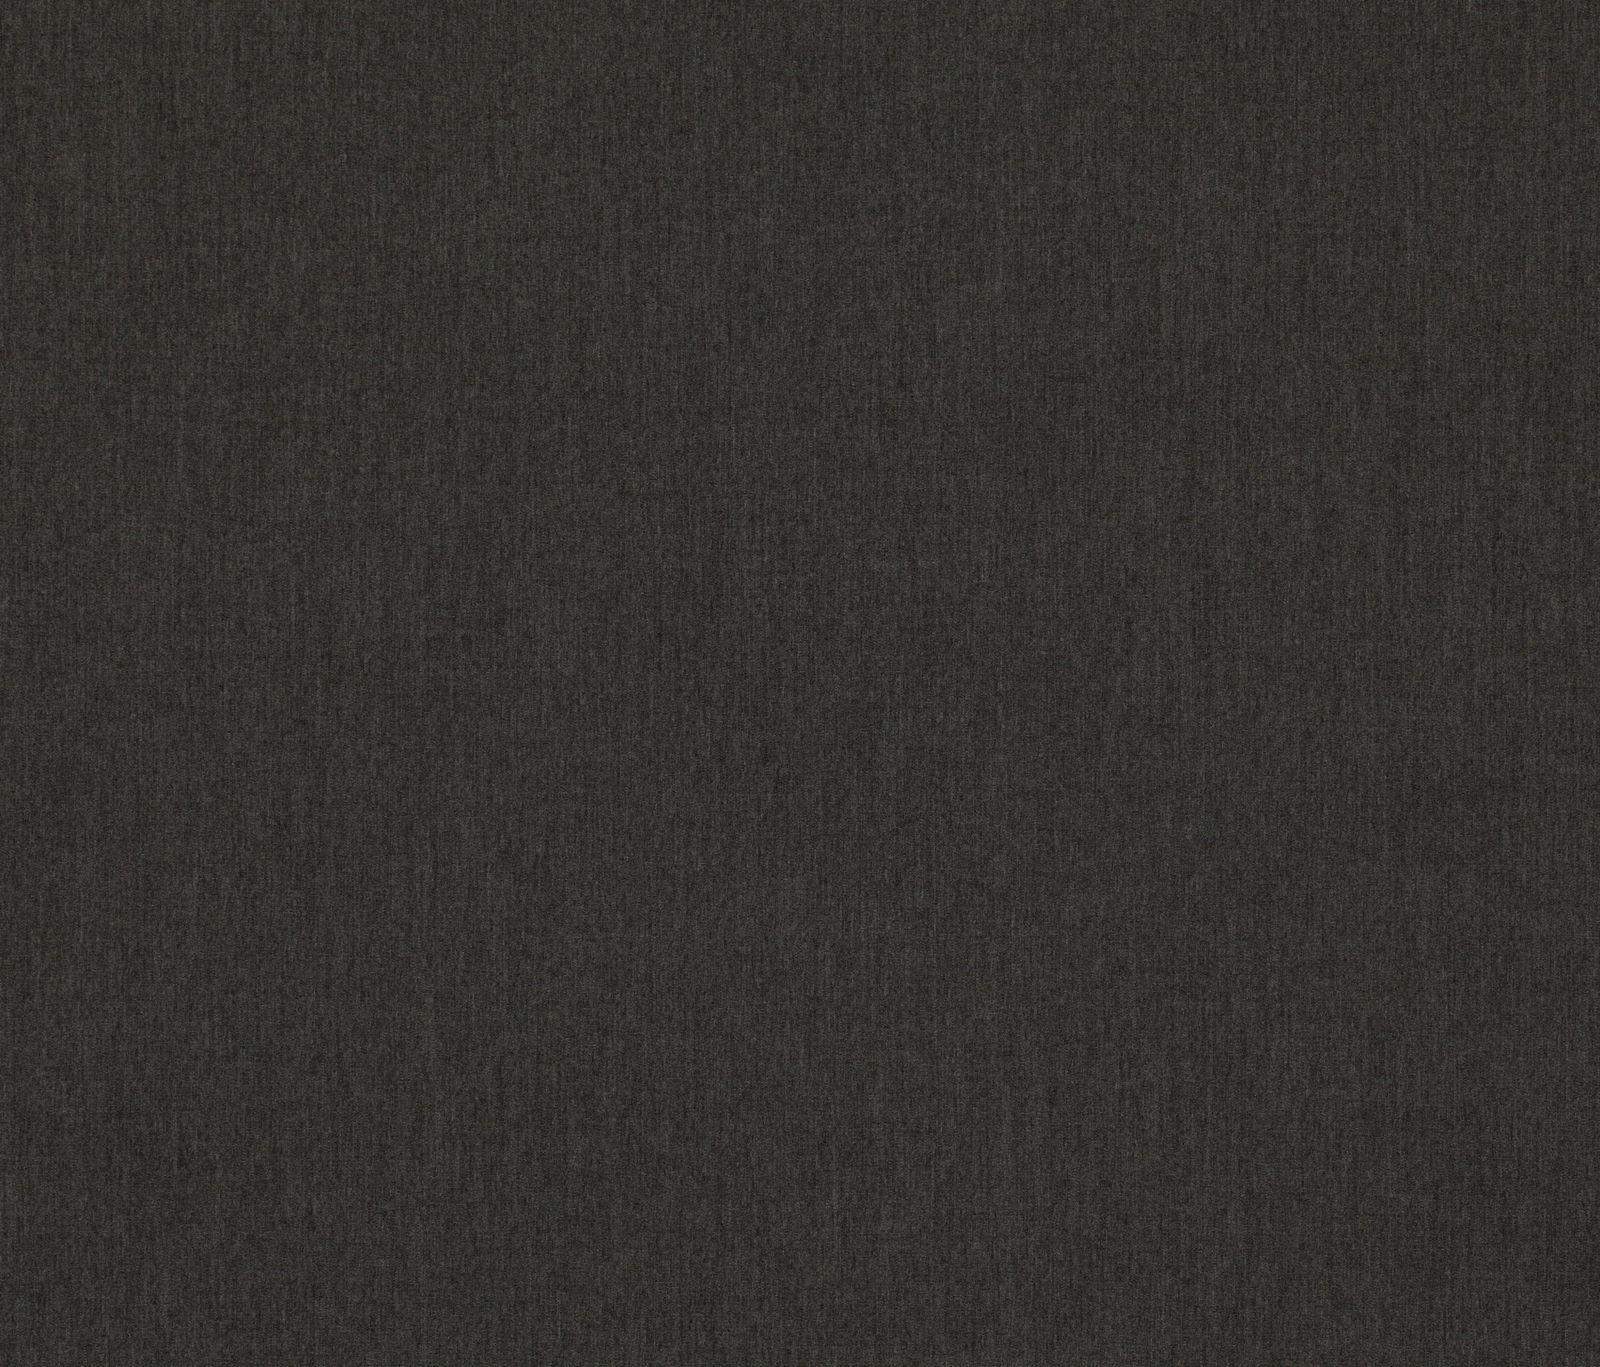 SuperSack Palettenkissen Premium - Farbkarte Sooty